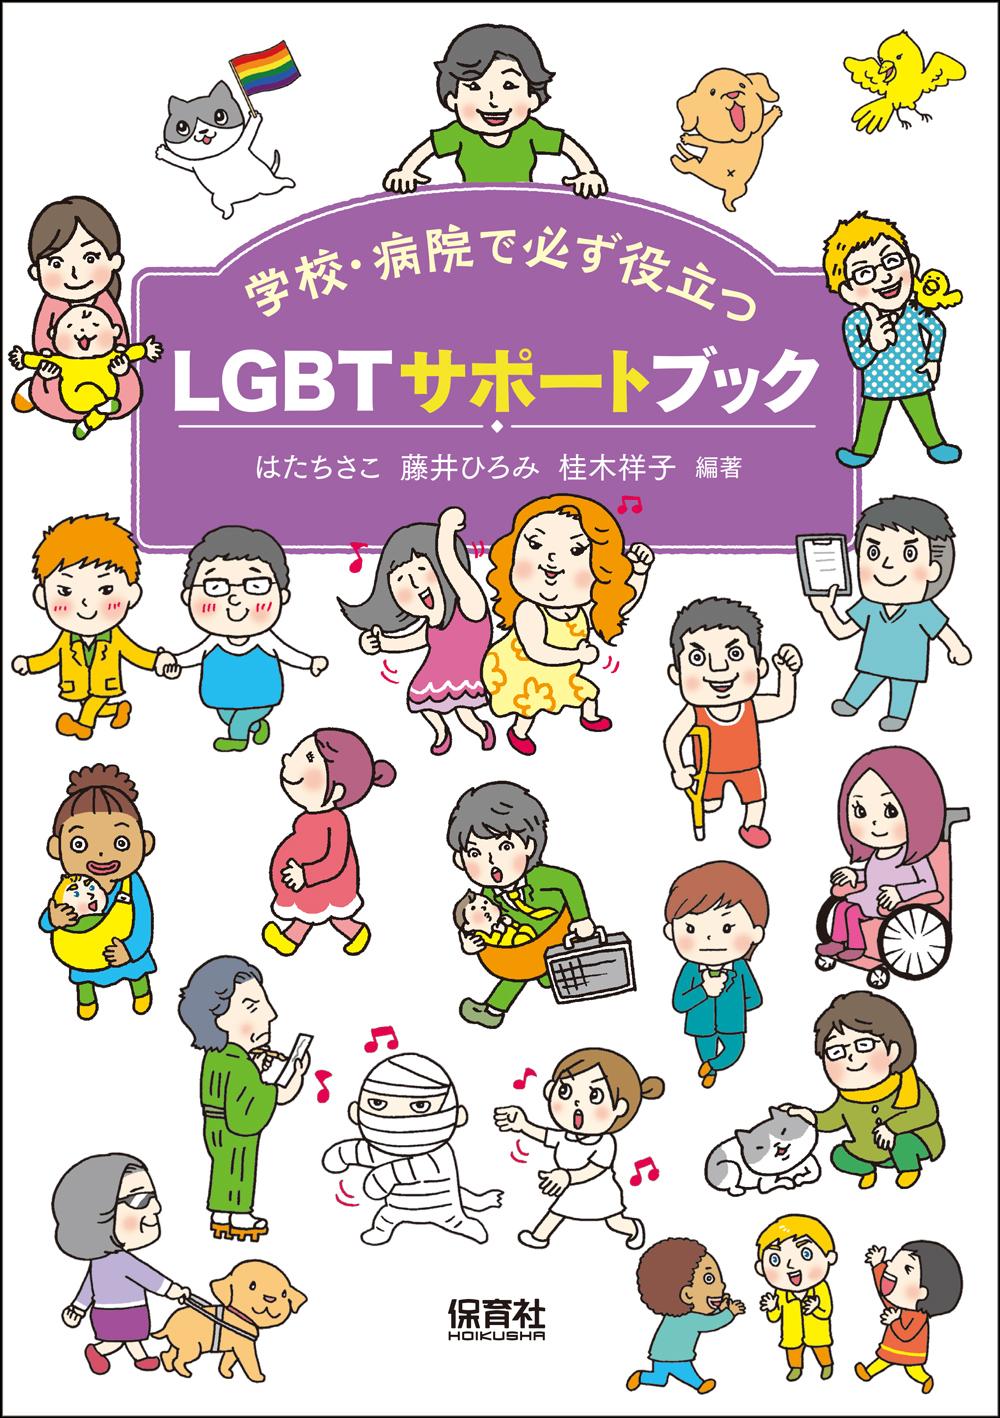 LGBTカバー